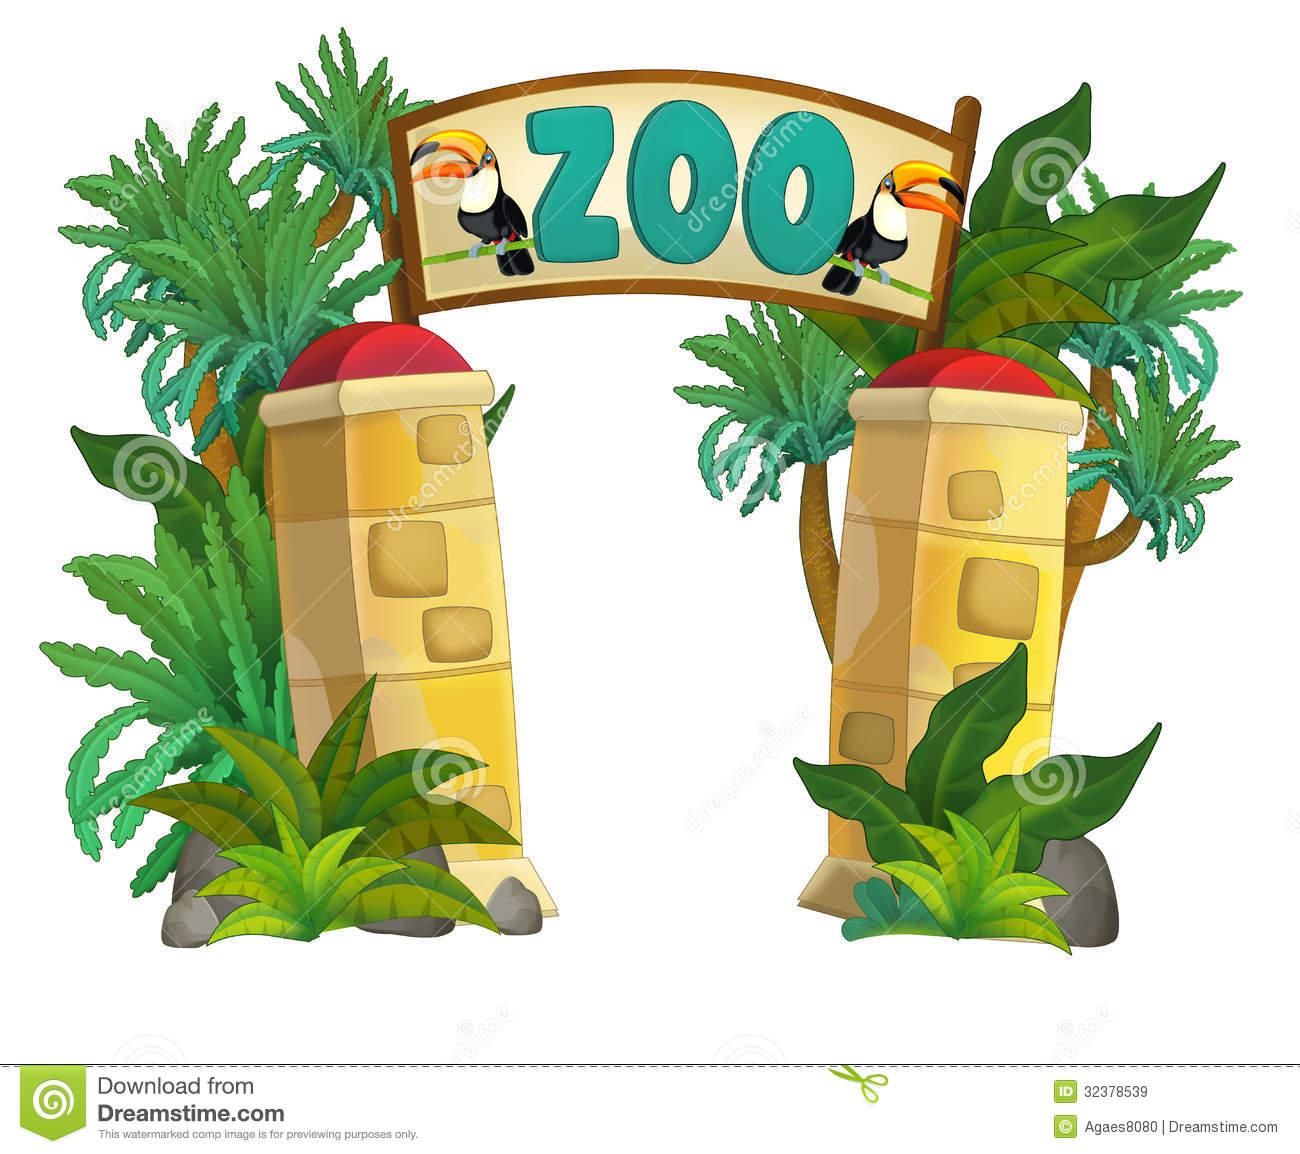 entrance gate clipart clipart suggest zoo clip art no color zoo clip art